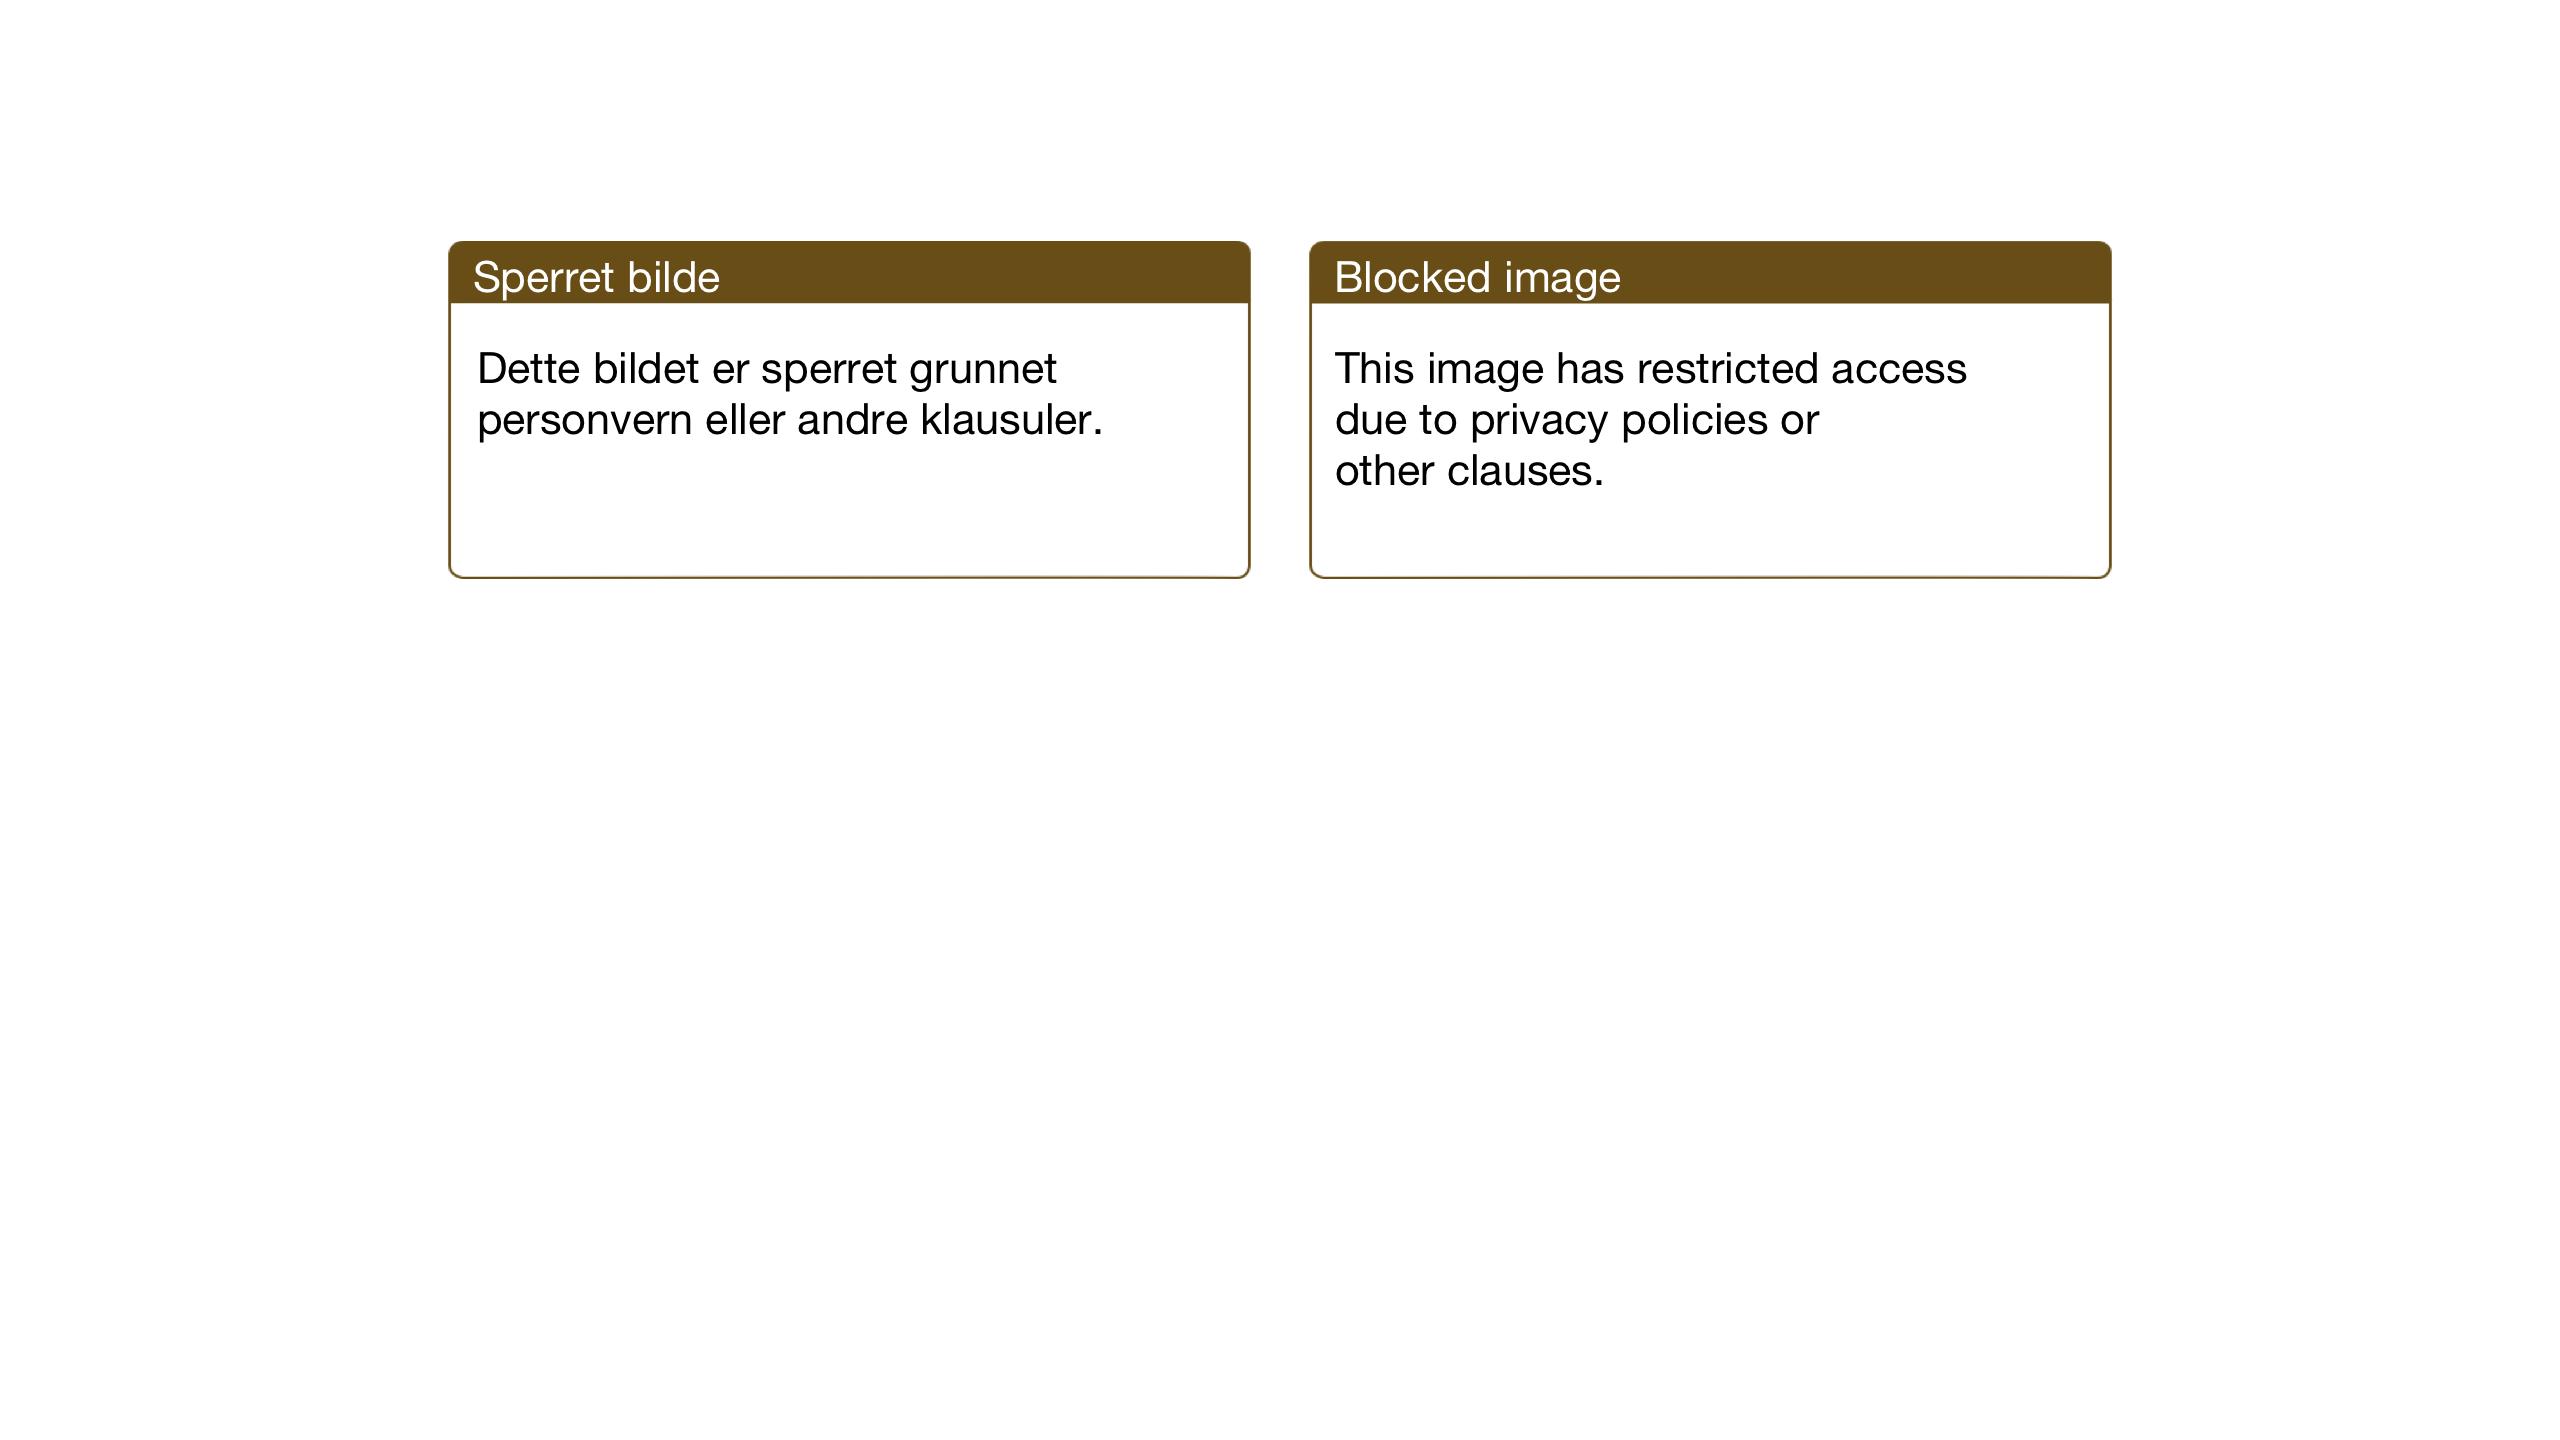 SAT, Ministerialprotokoller, klokkerbøker og fødselsregistre - Nord-Trøndelag, 709/L0089: Klokkerbok nr. 709C03, 1935-1948, s. 154